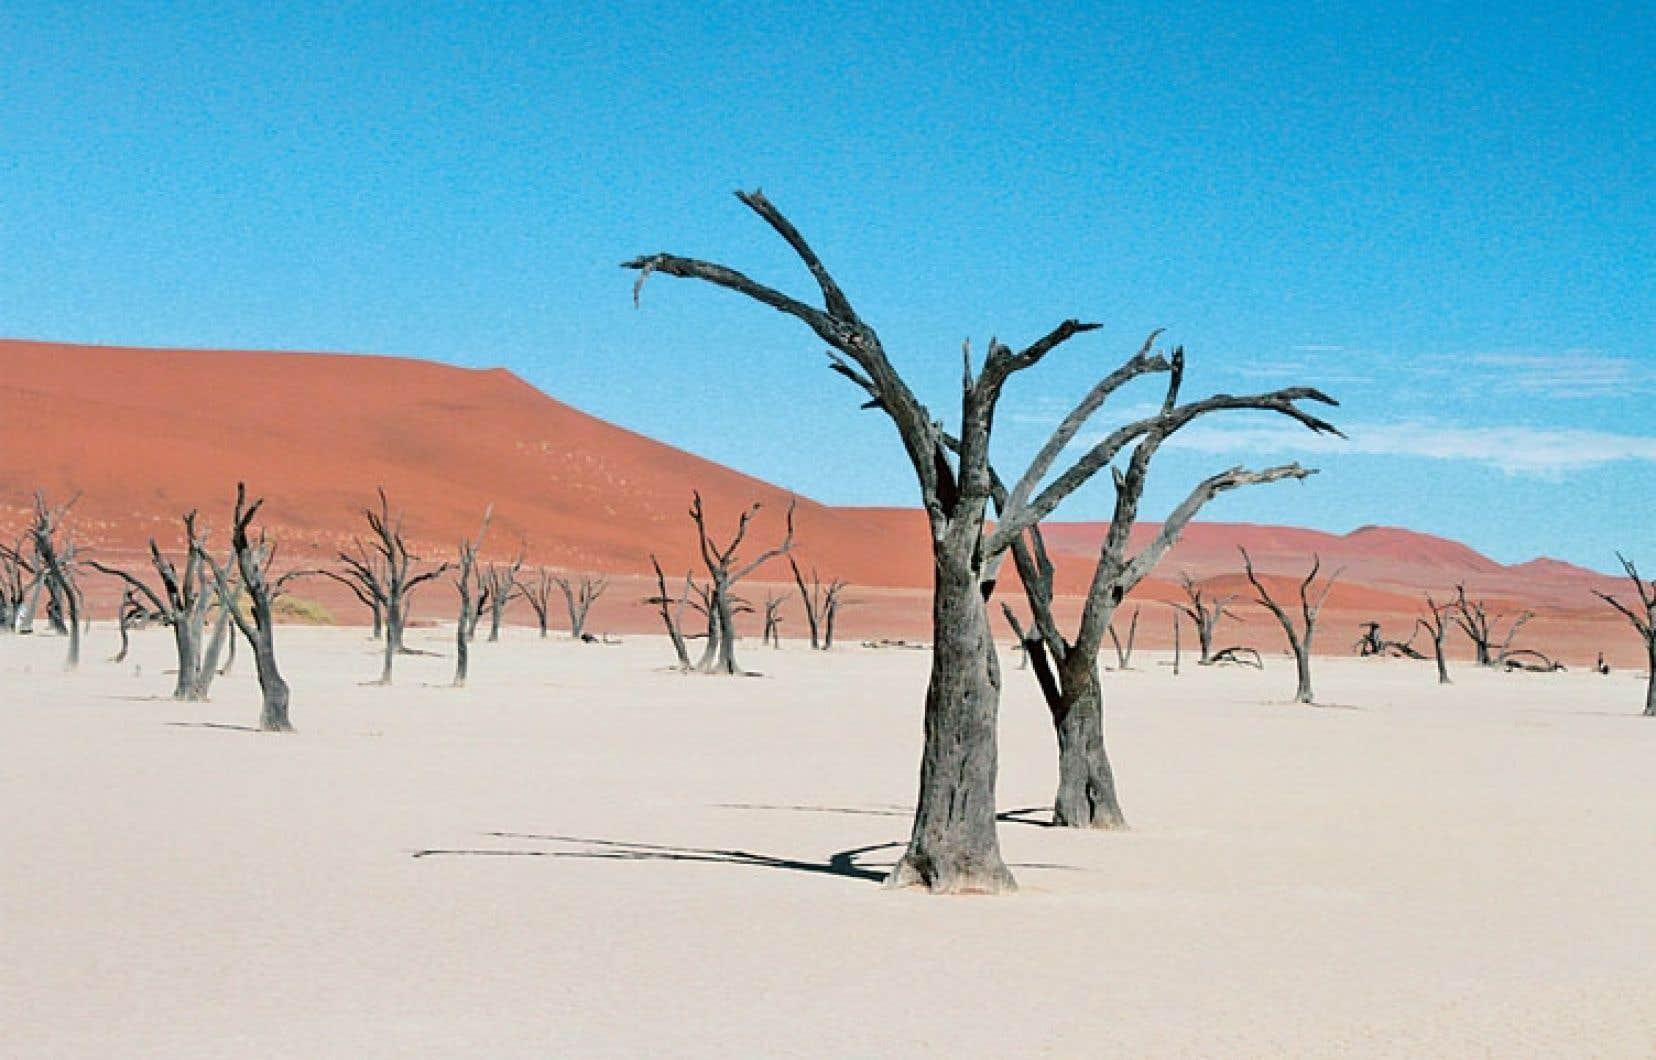 Le plateau de Dead Vlei, l'un des lieux les plus courus du secteur.